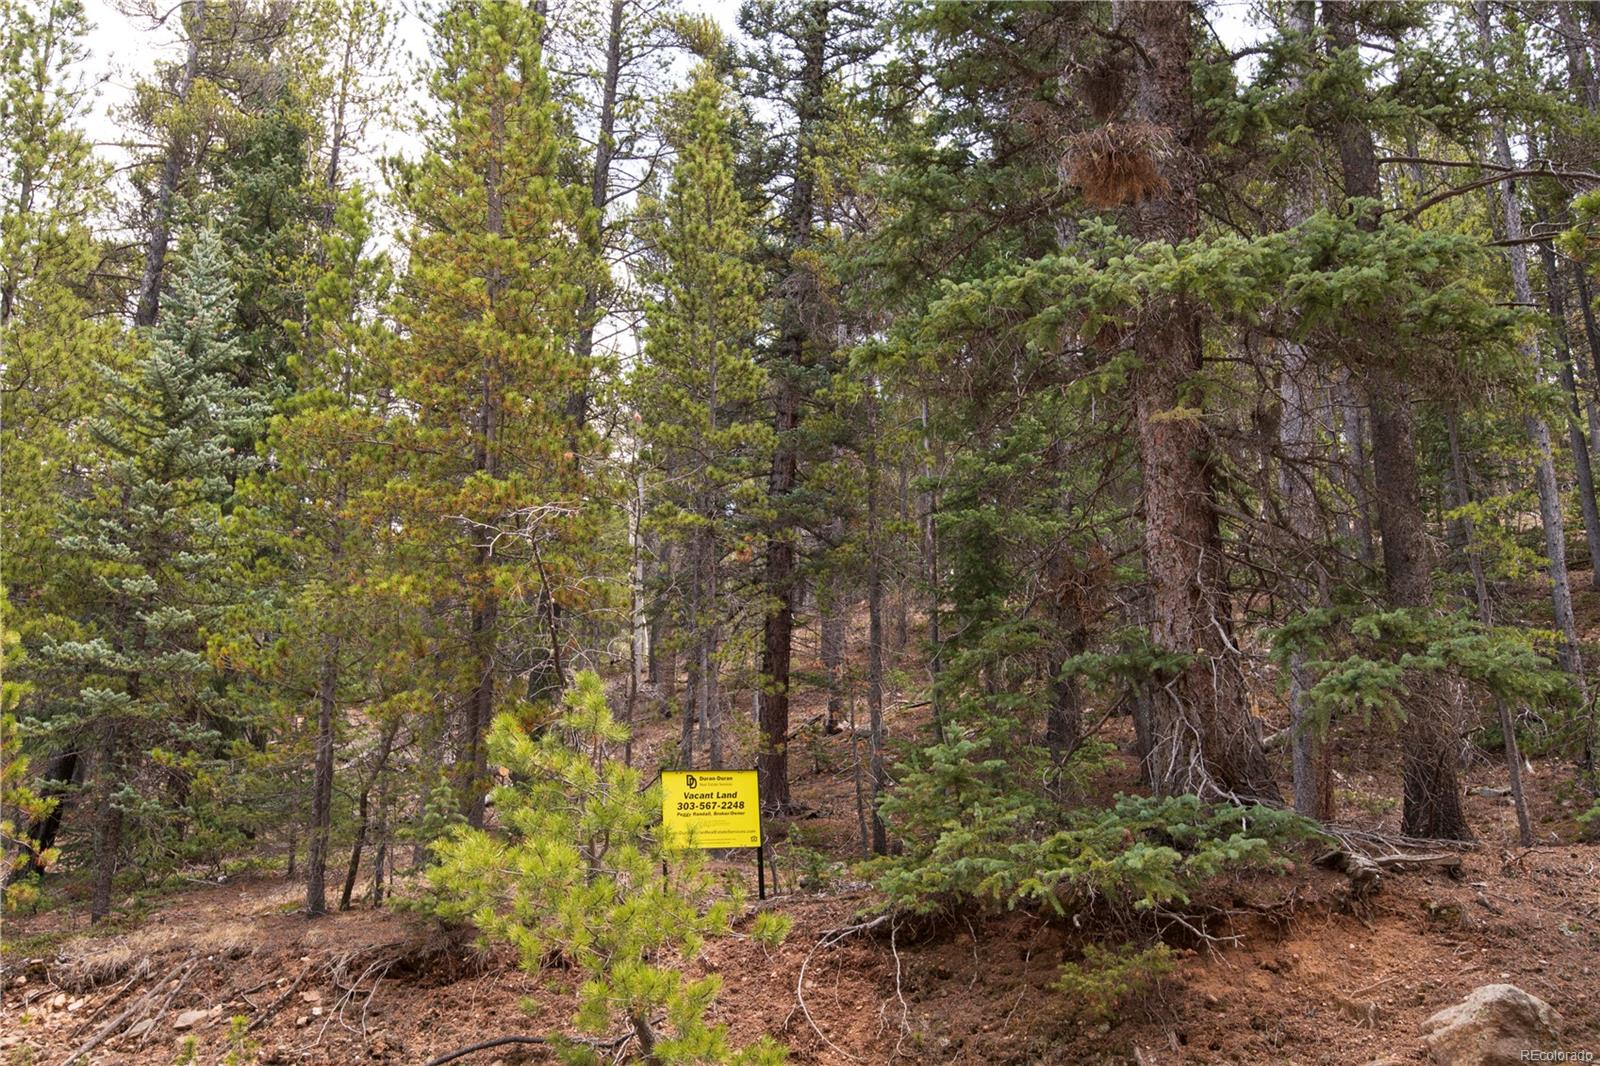 0000 Soda Creek Trail, Idaho Springs, CO 80452 - Idaho Springs, CO real estate listing